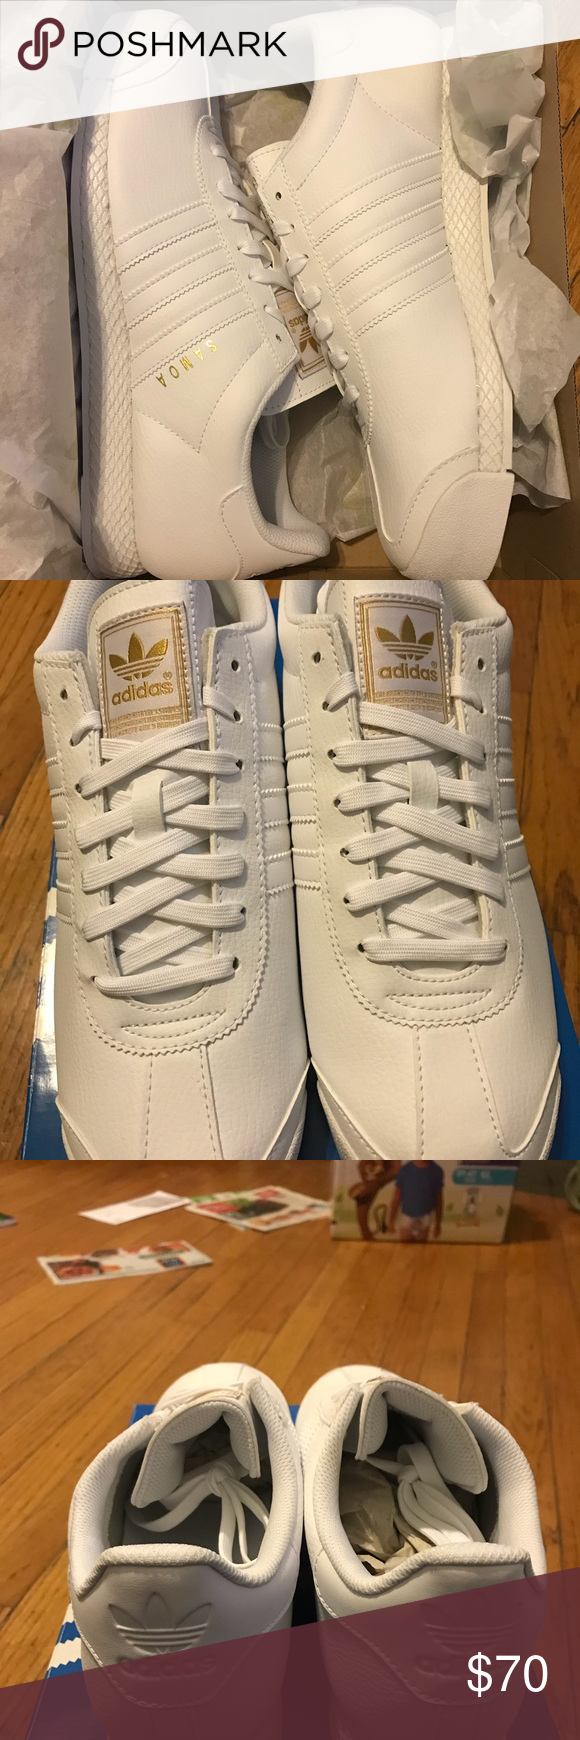 fare un'offerta a brand new white samoa dalla adidas nwt le adidas